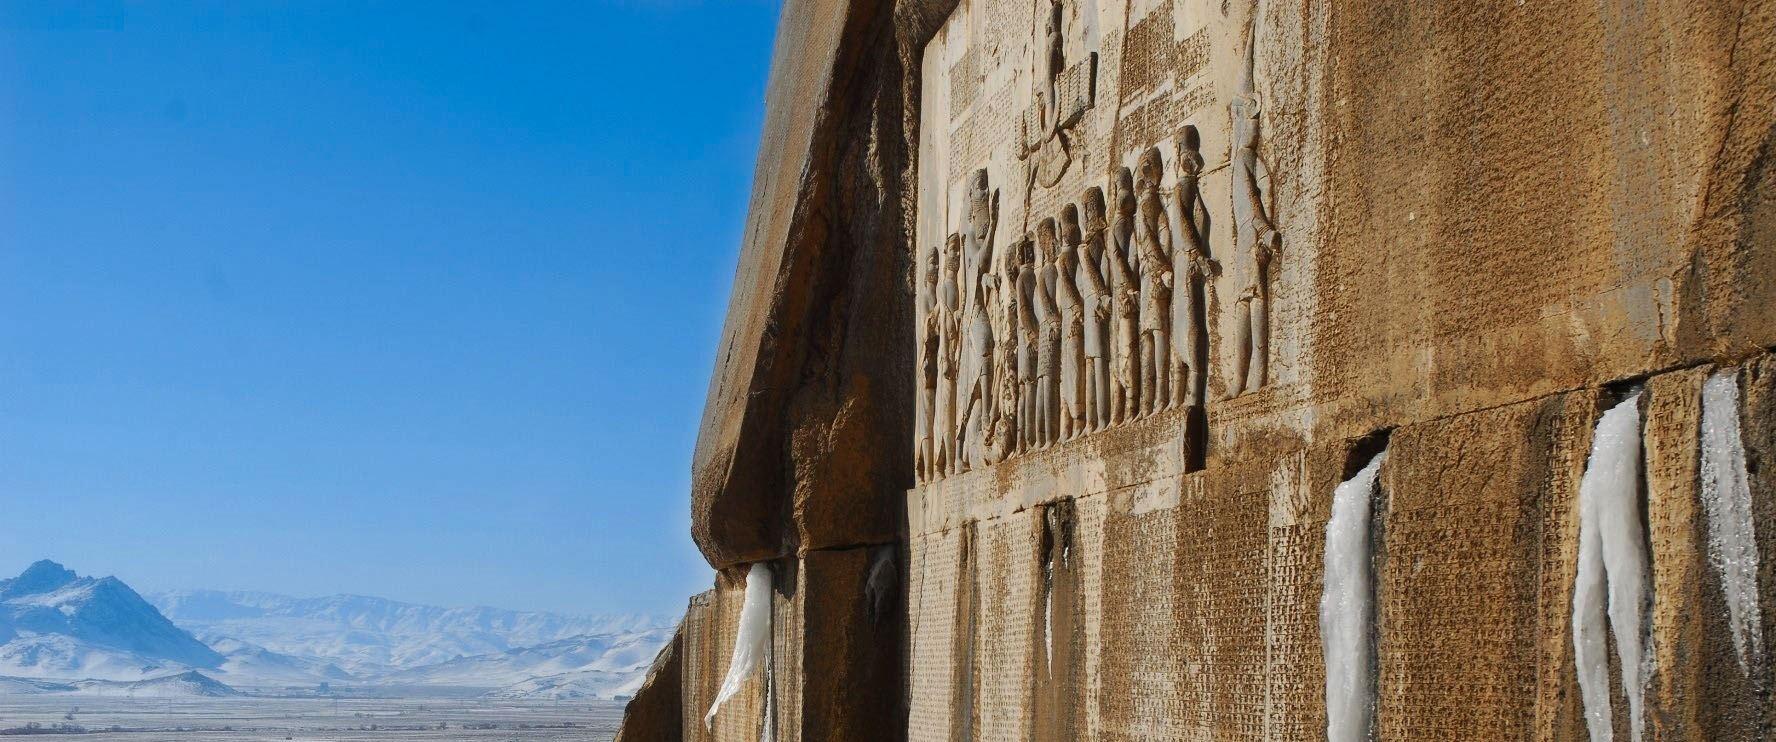 بیستون کرمانشاه ، راز و رمز با ارزشترین آثار تاریخی ایران